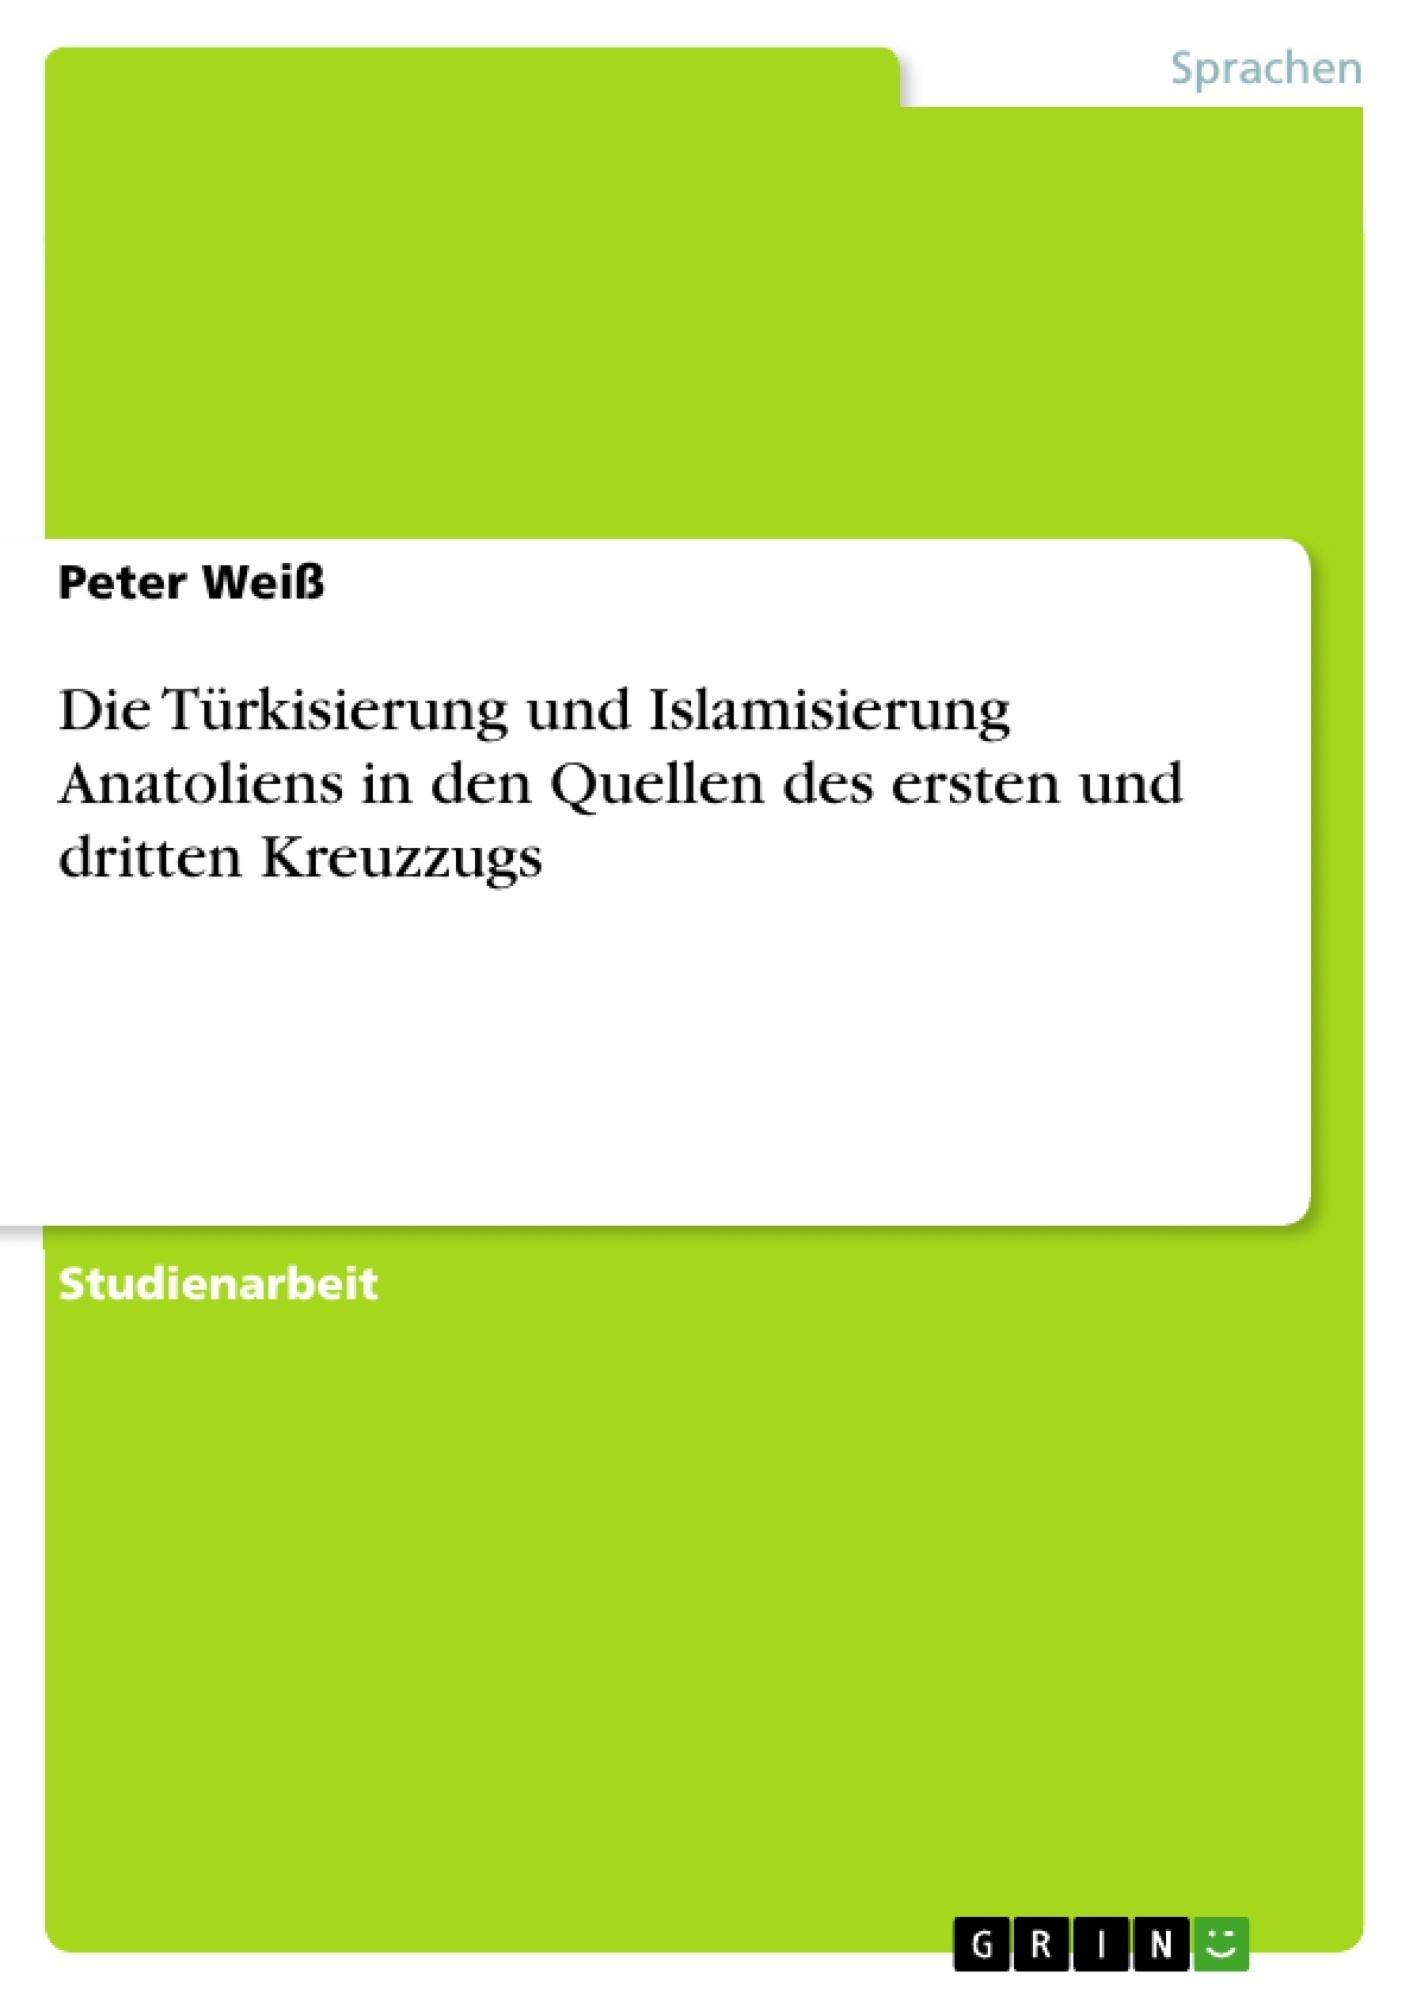 Titel: Die Türkisierung und Islamisierung Anatoliens in den Quellen des ersten und dritten Kreuzzugs